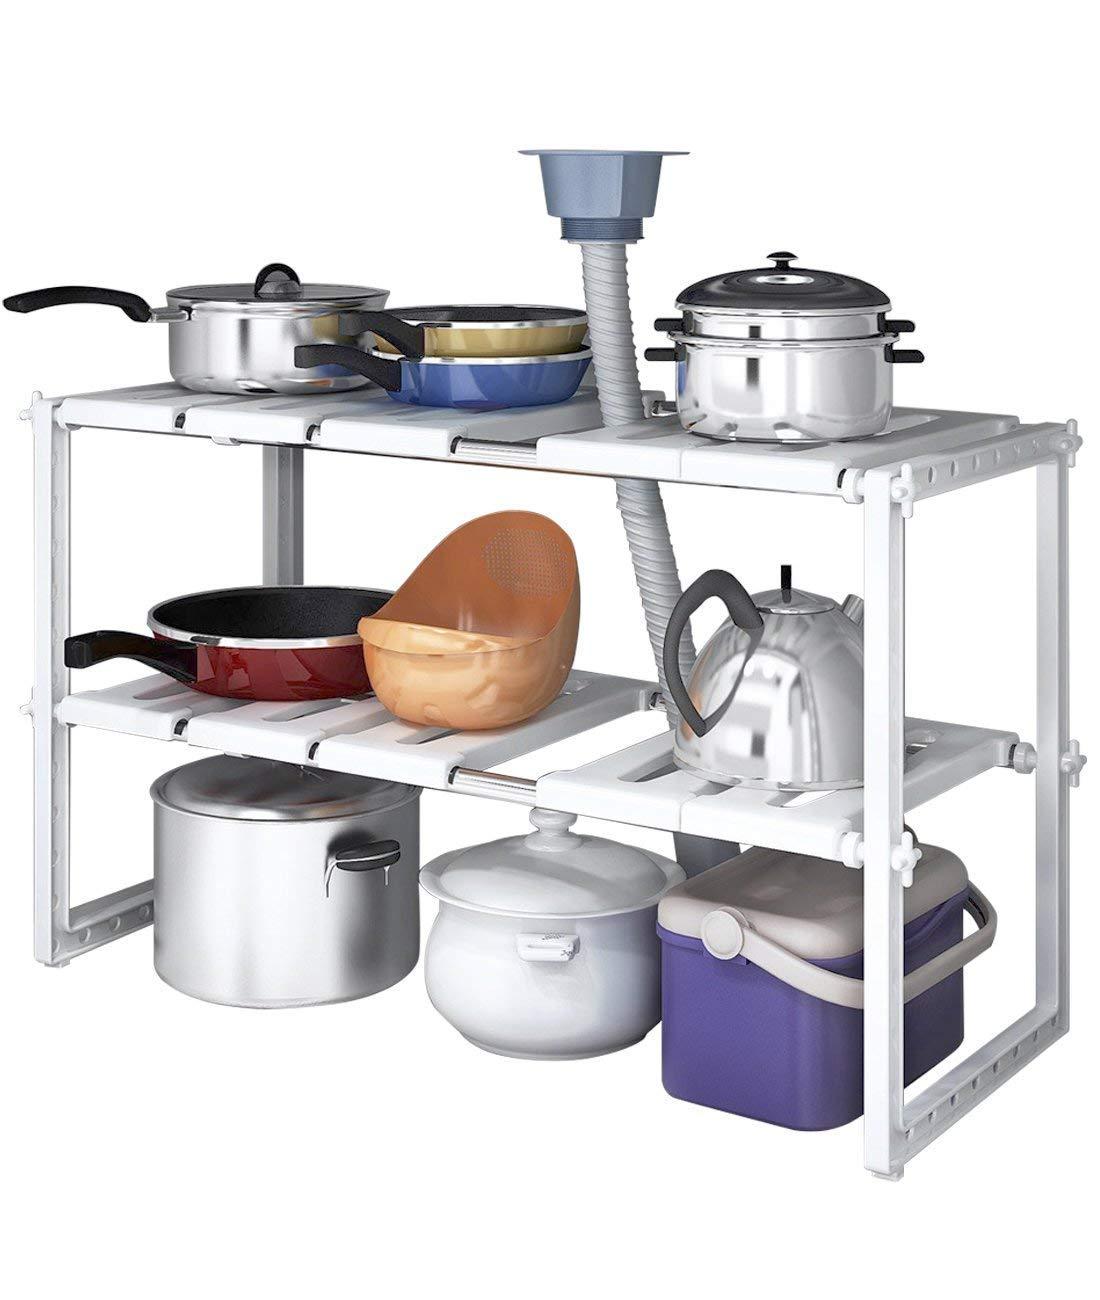 Cestello per lavandino a mensole, per la parte inferiore del lavandino, regolabile, estensibile, multiuso, per cucina o bagno, colore: bianco Generic